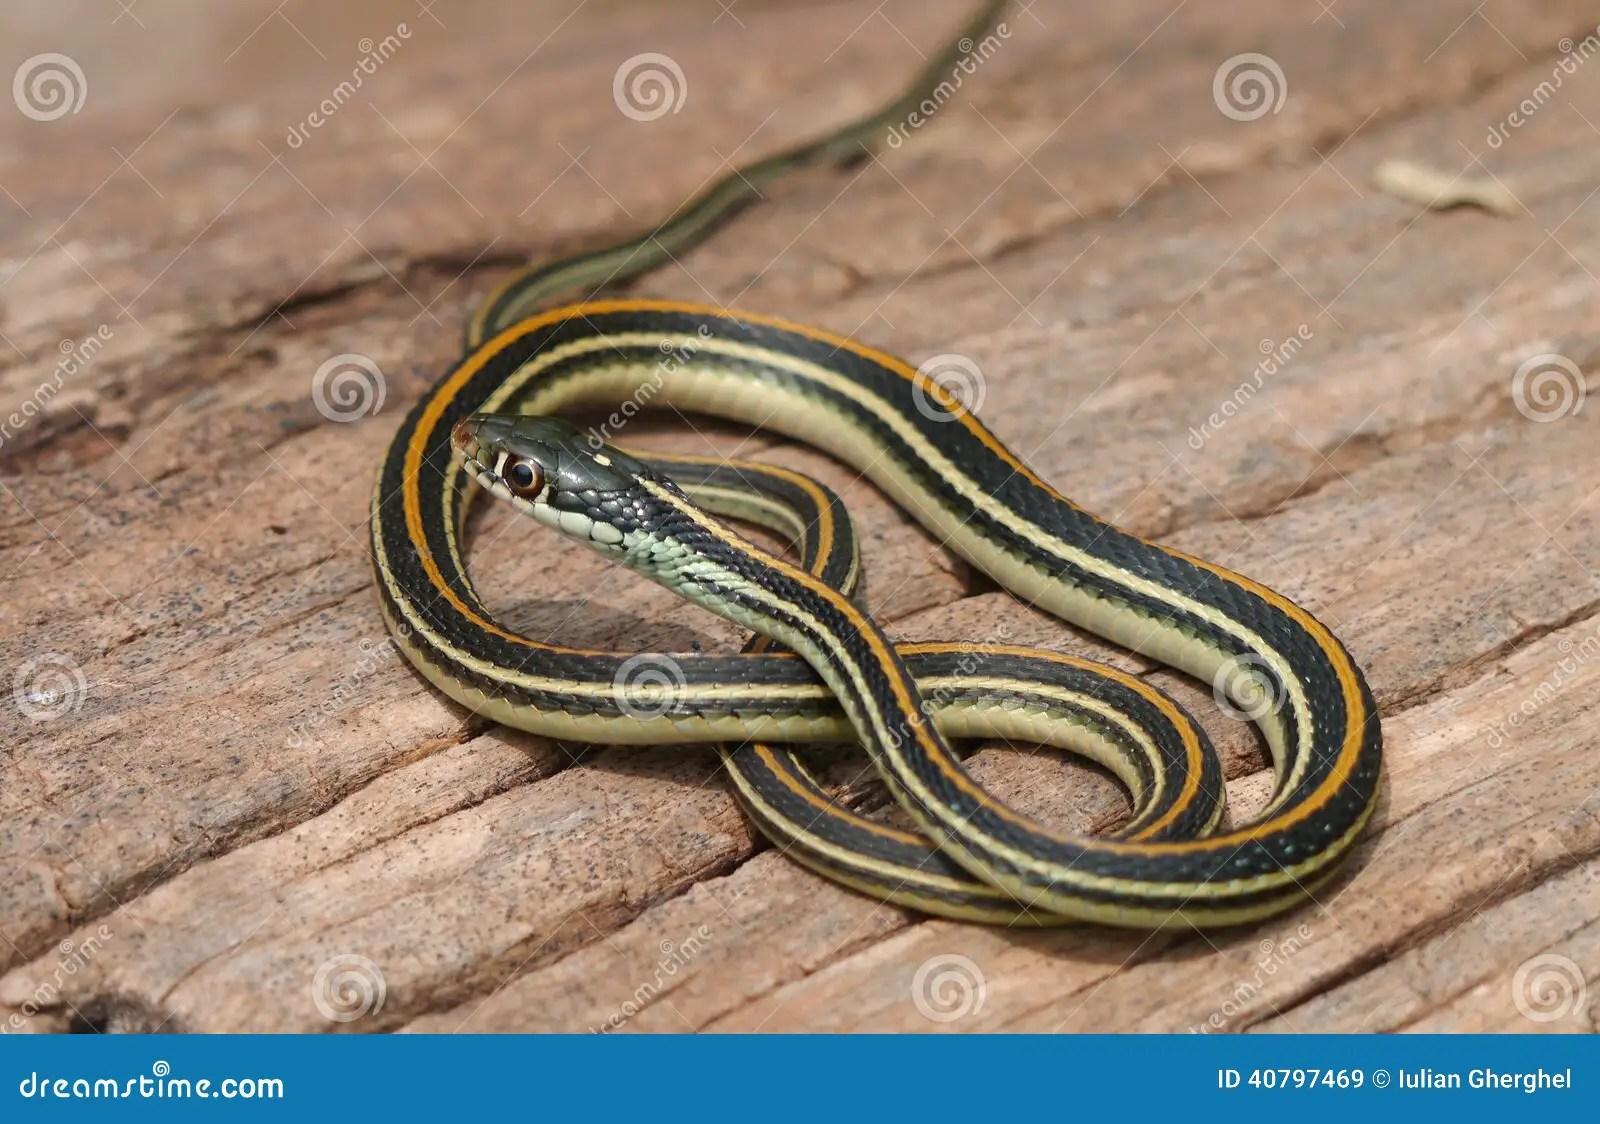 4 Poisonous Snakes Illinois